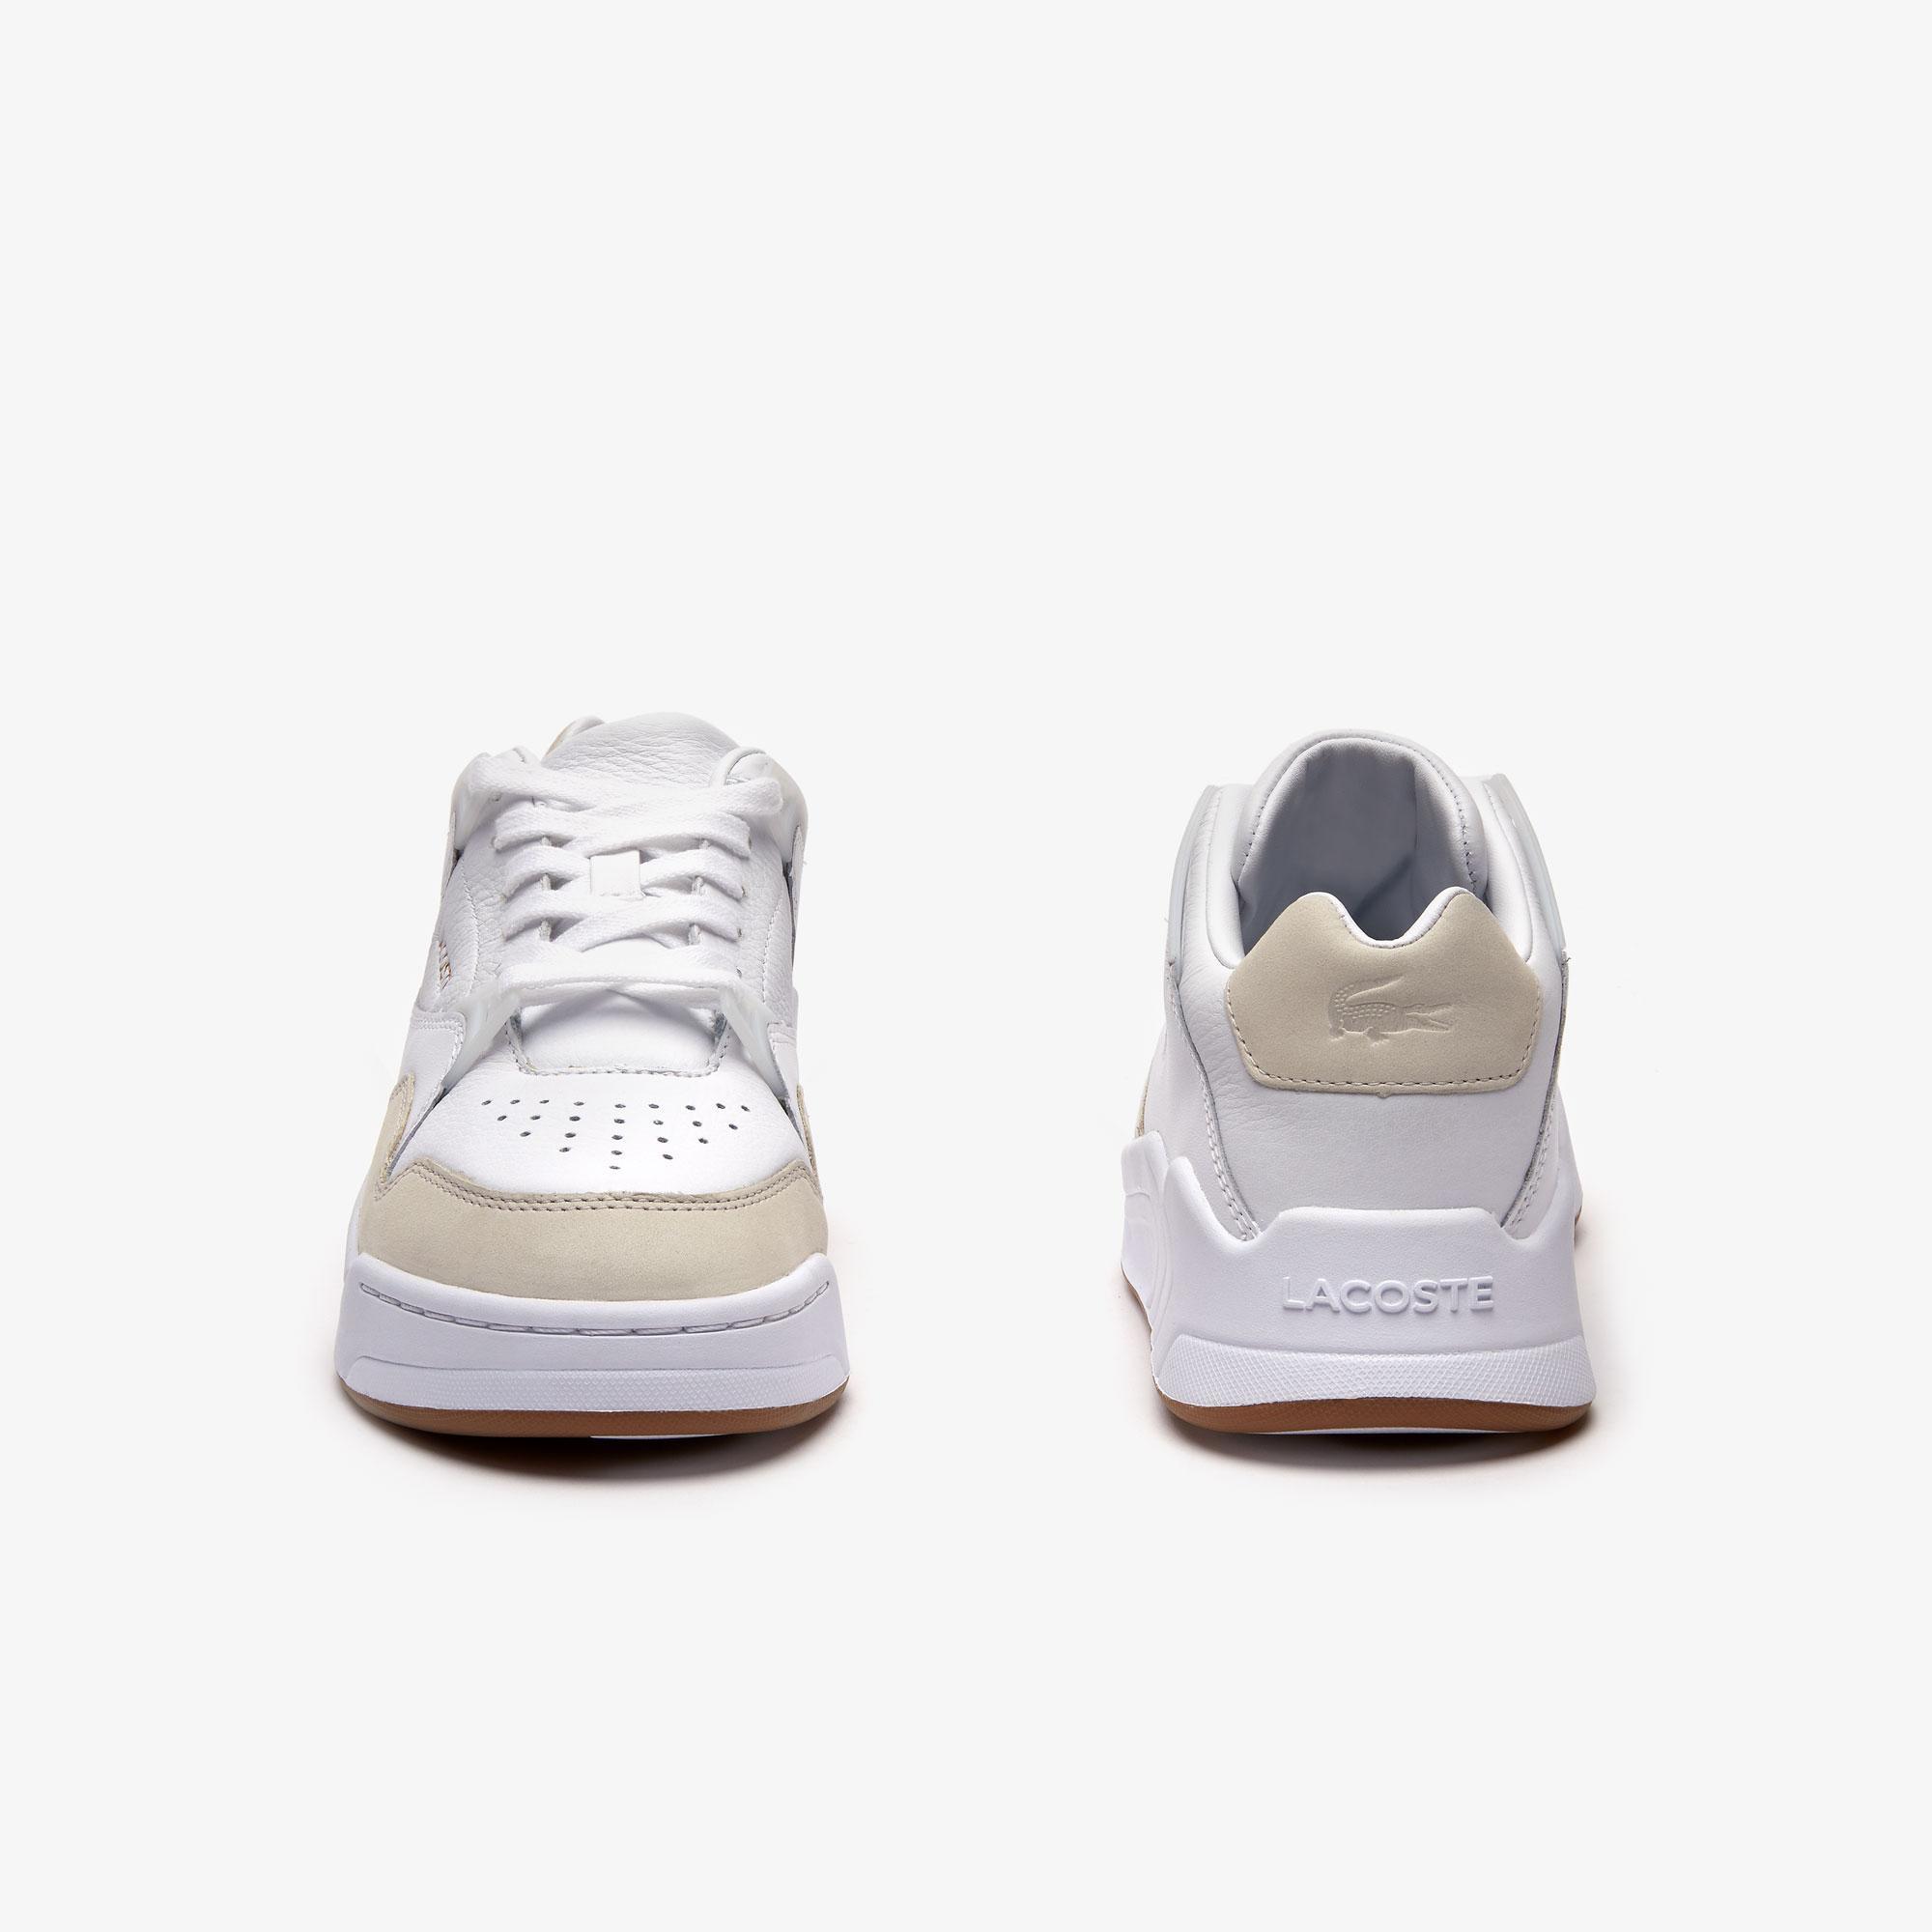 Lacoste Women's Court Slam 319 1 SFA Sneakers